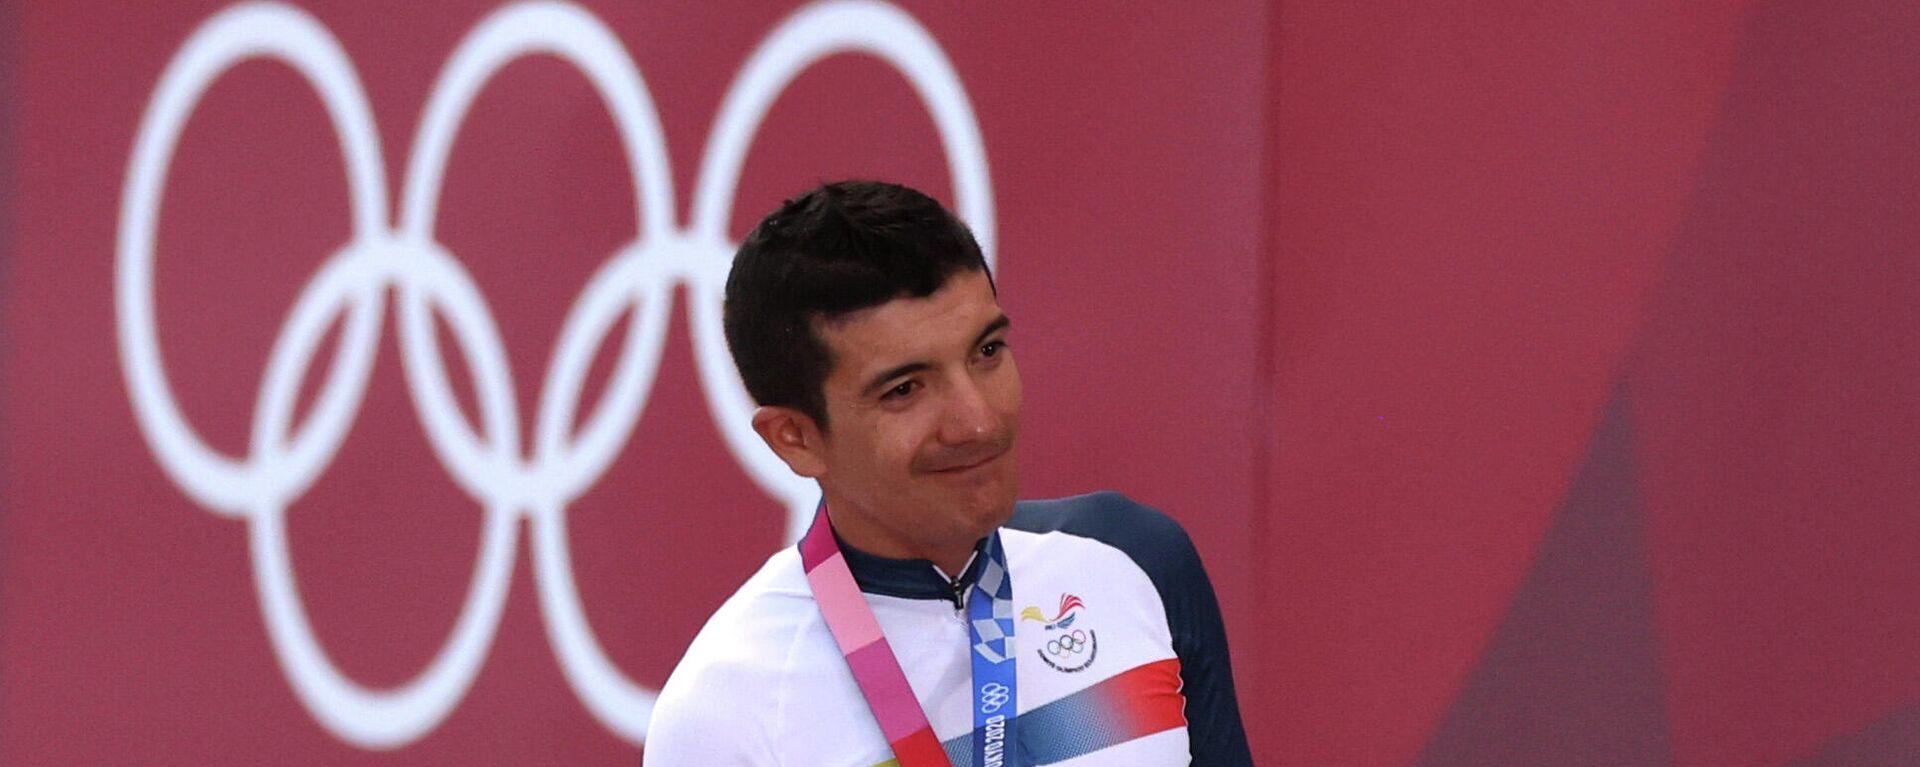 Richard Carapaz, ciclista ecuatoriano - Sputnik Mundo, 1920, 24.07.2021